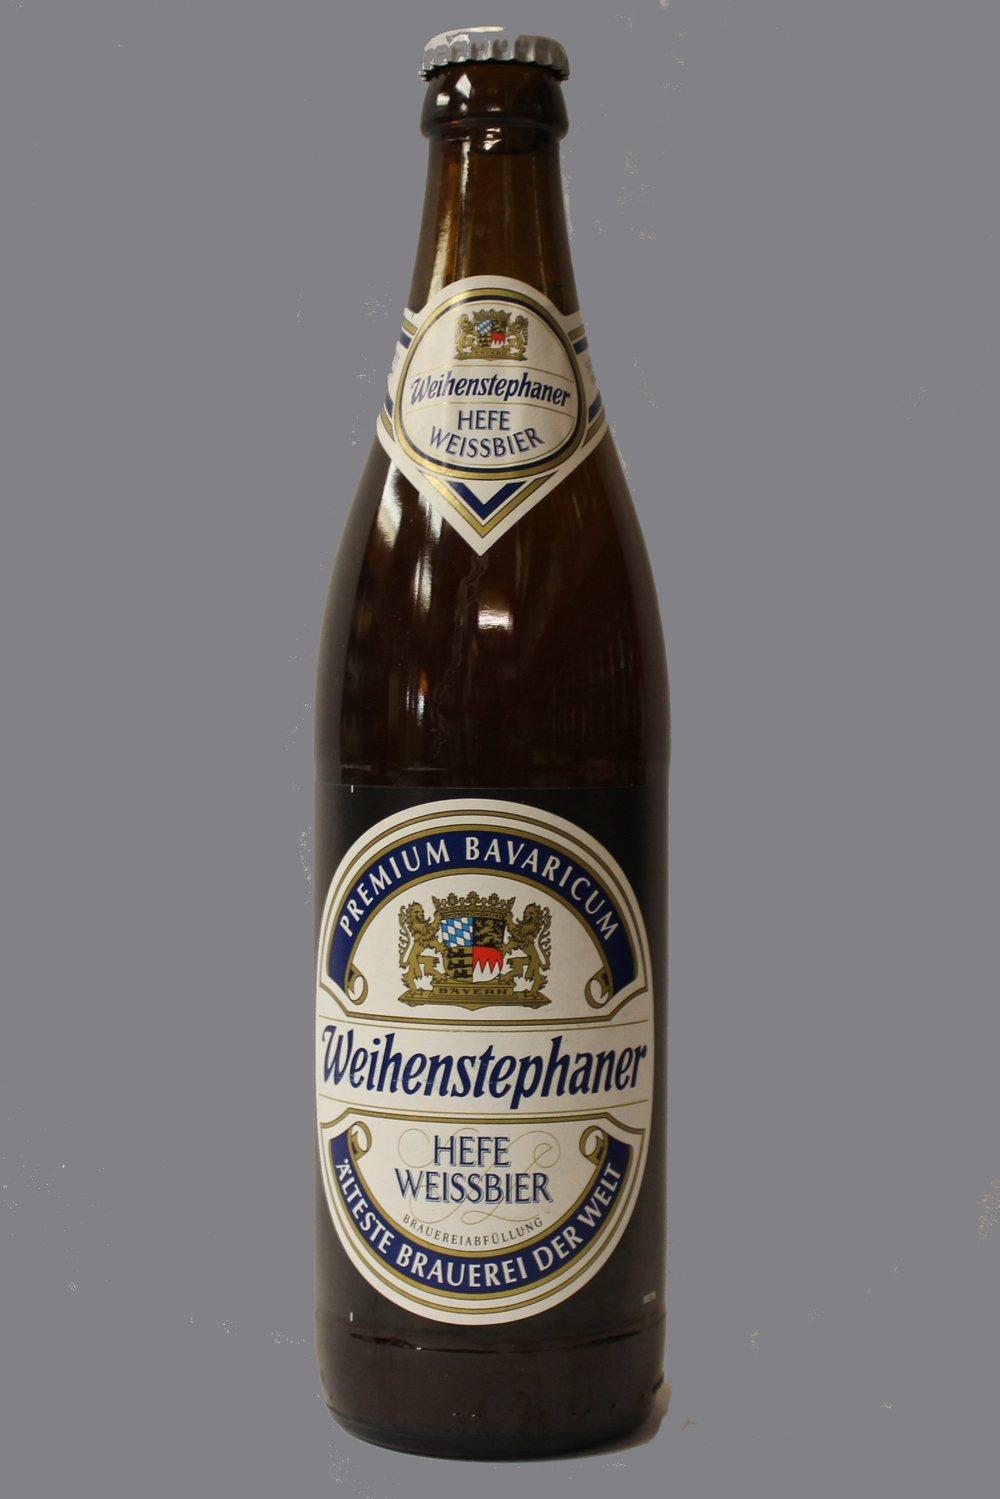 WEIHENSTEPHAN-Hefe Weissbier.jpg